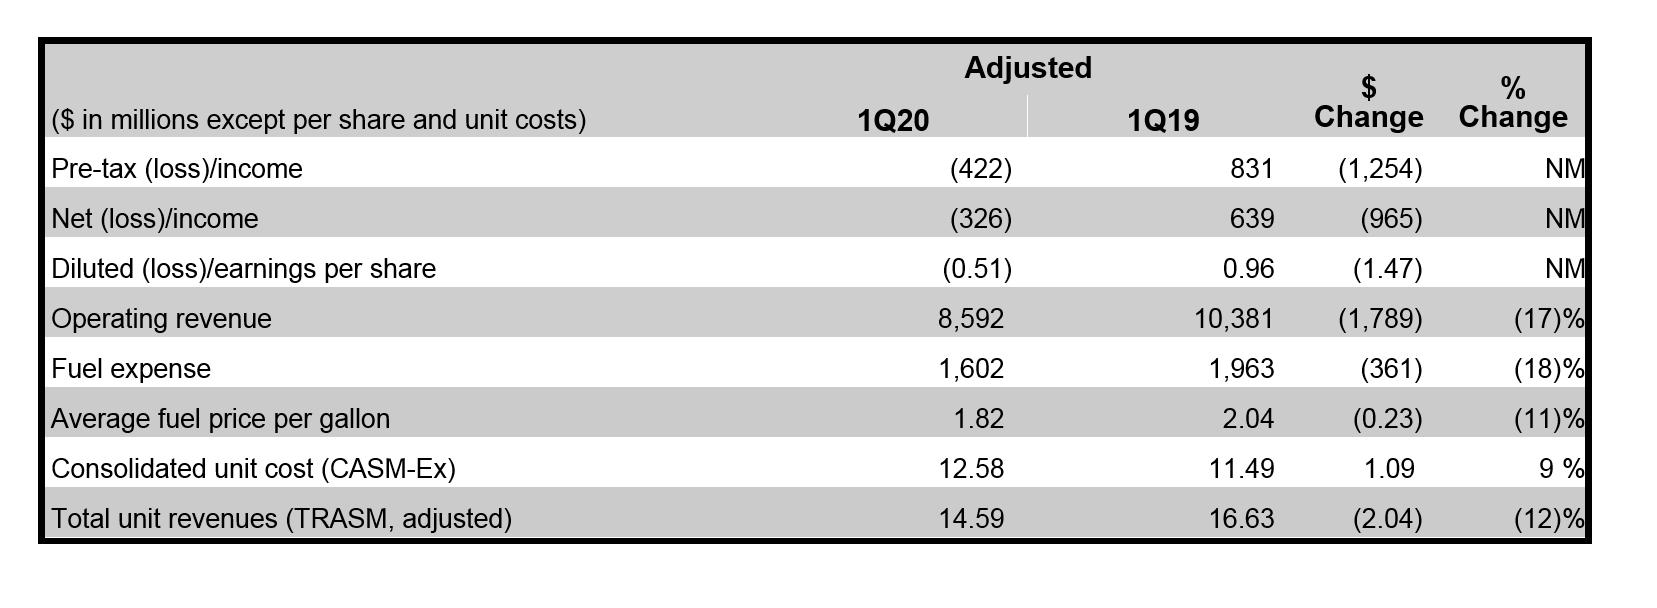 Tabela Financeira Ajustada Delta Air Lines 1º Trimestre 2020